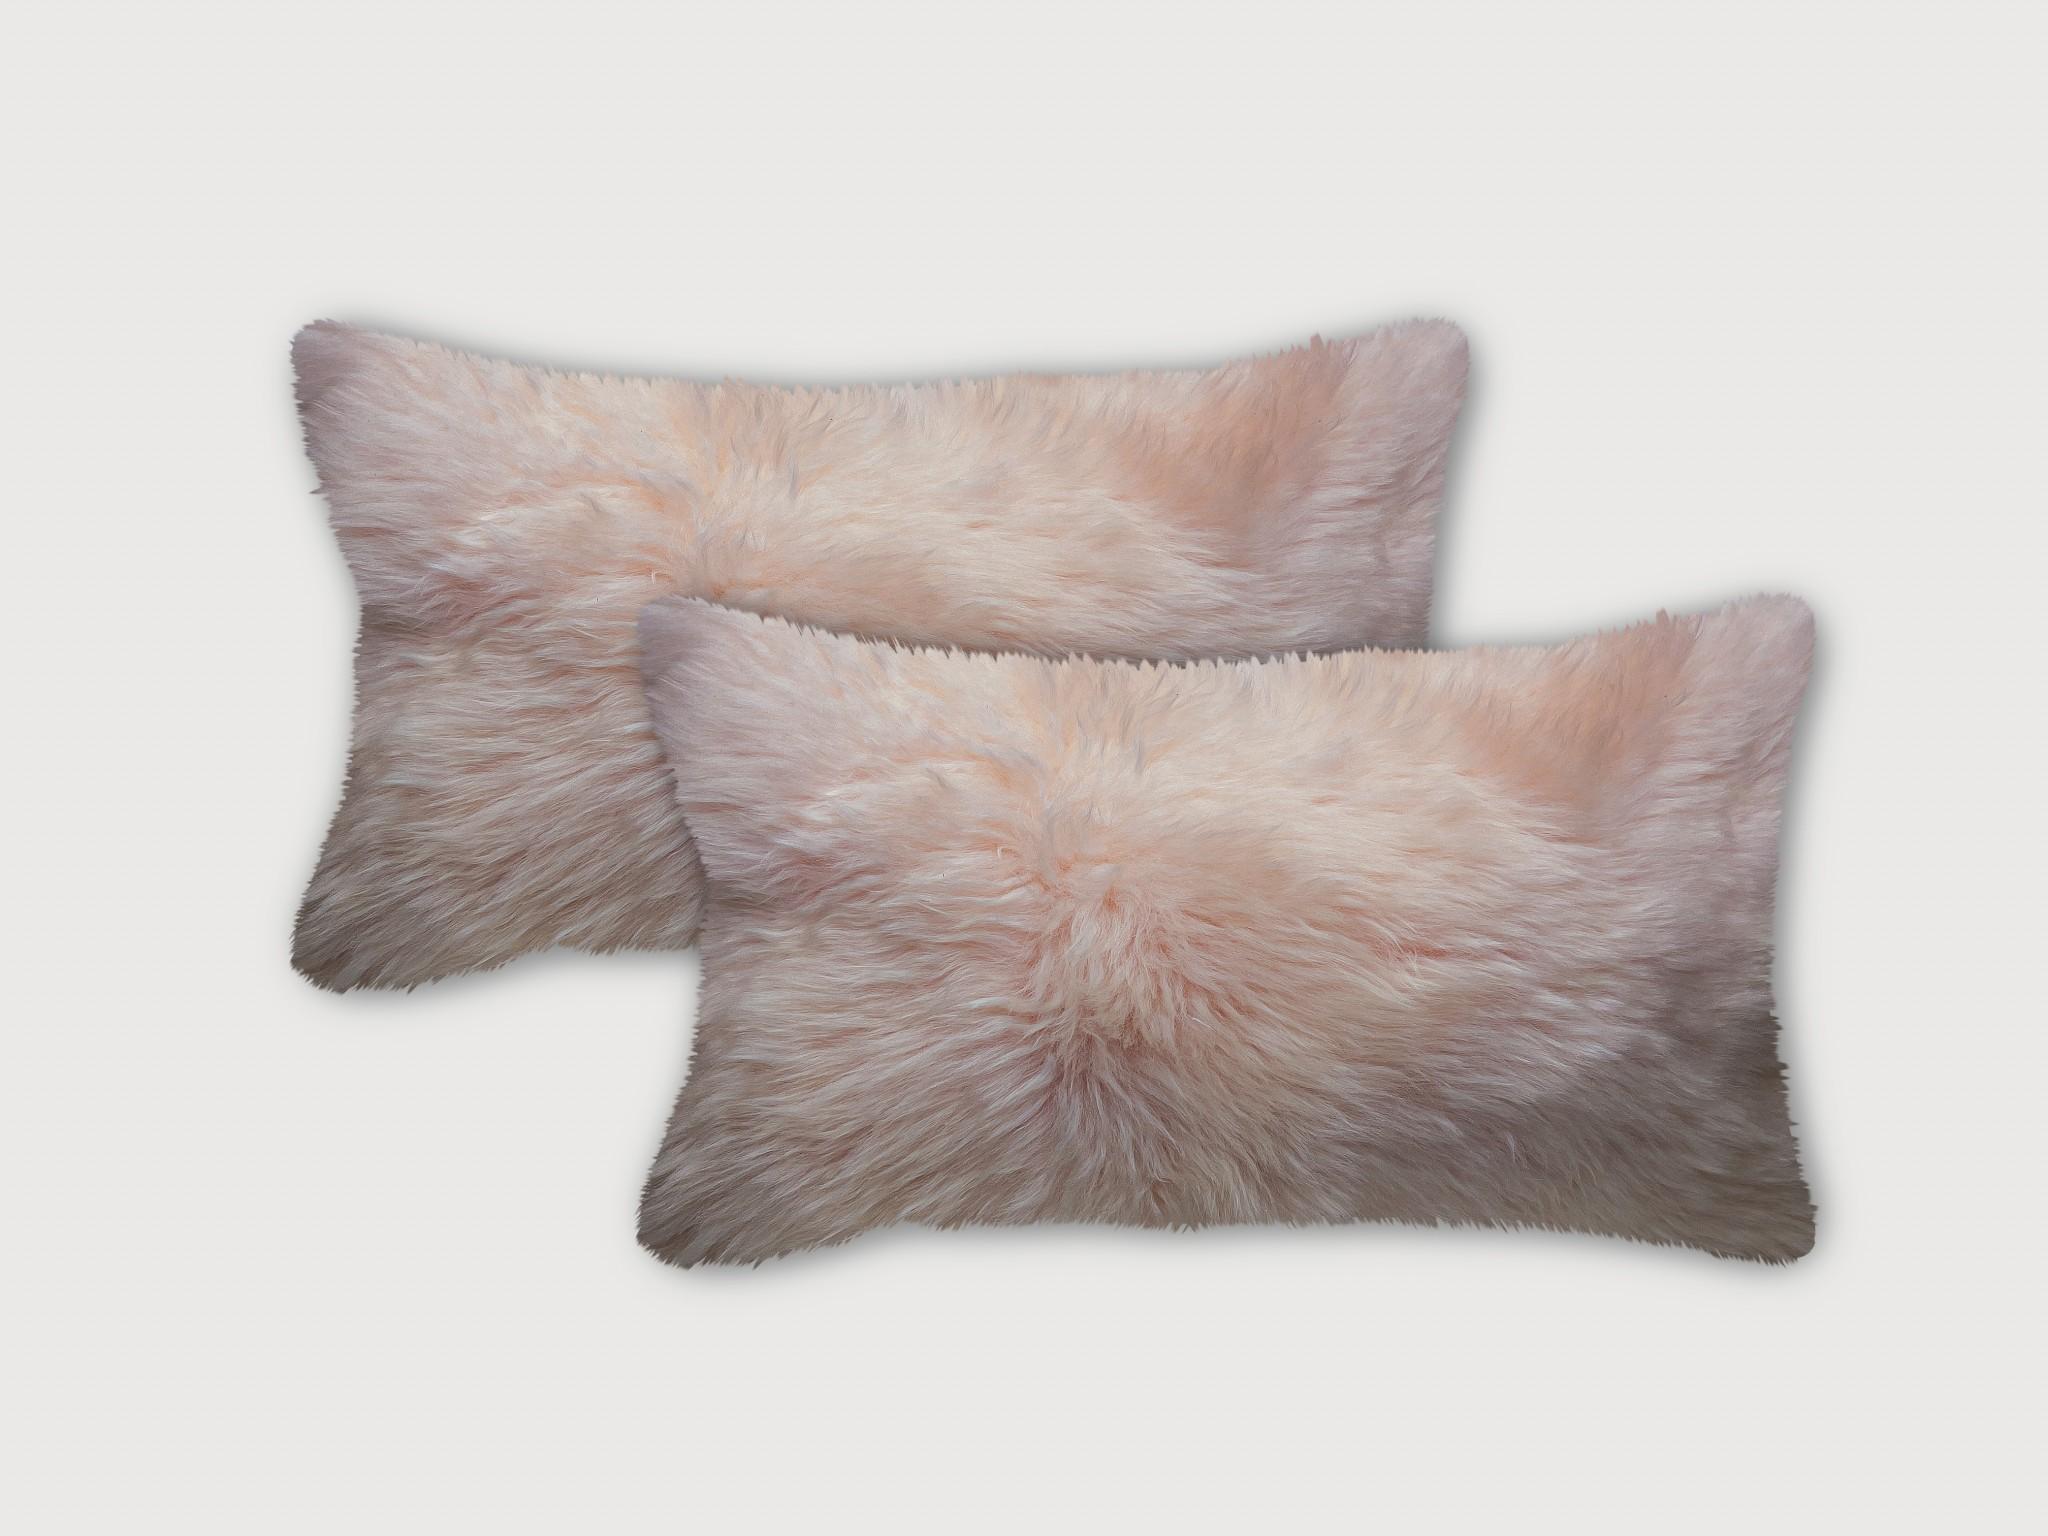 Set of Two Blush Natural Sheepskin Lumbar Pillows